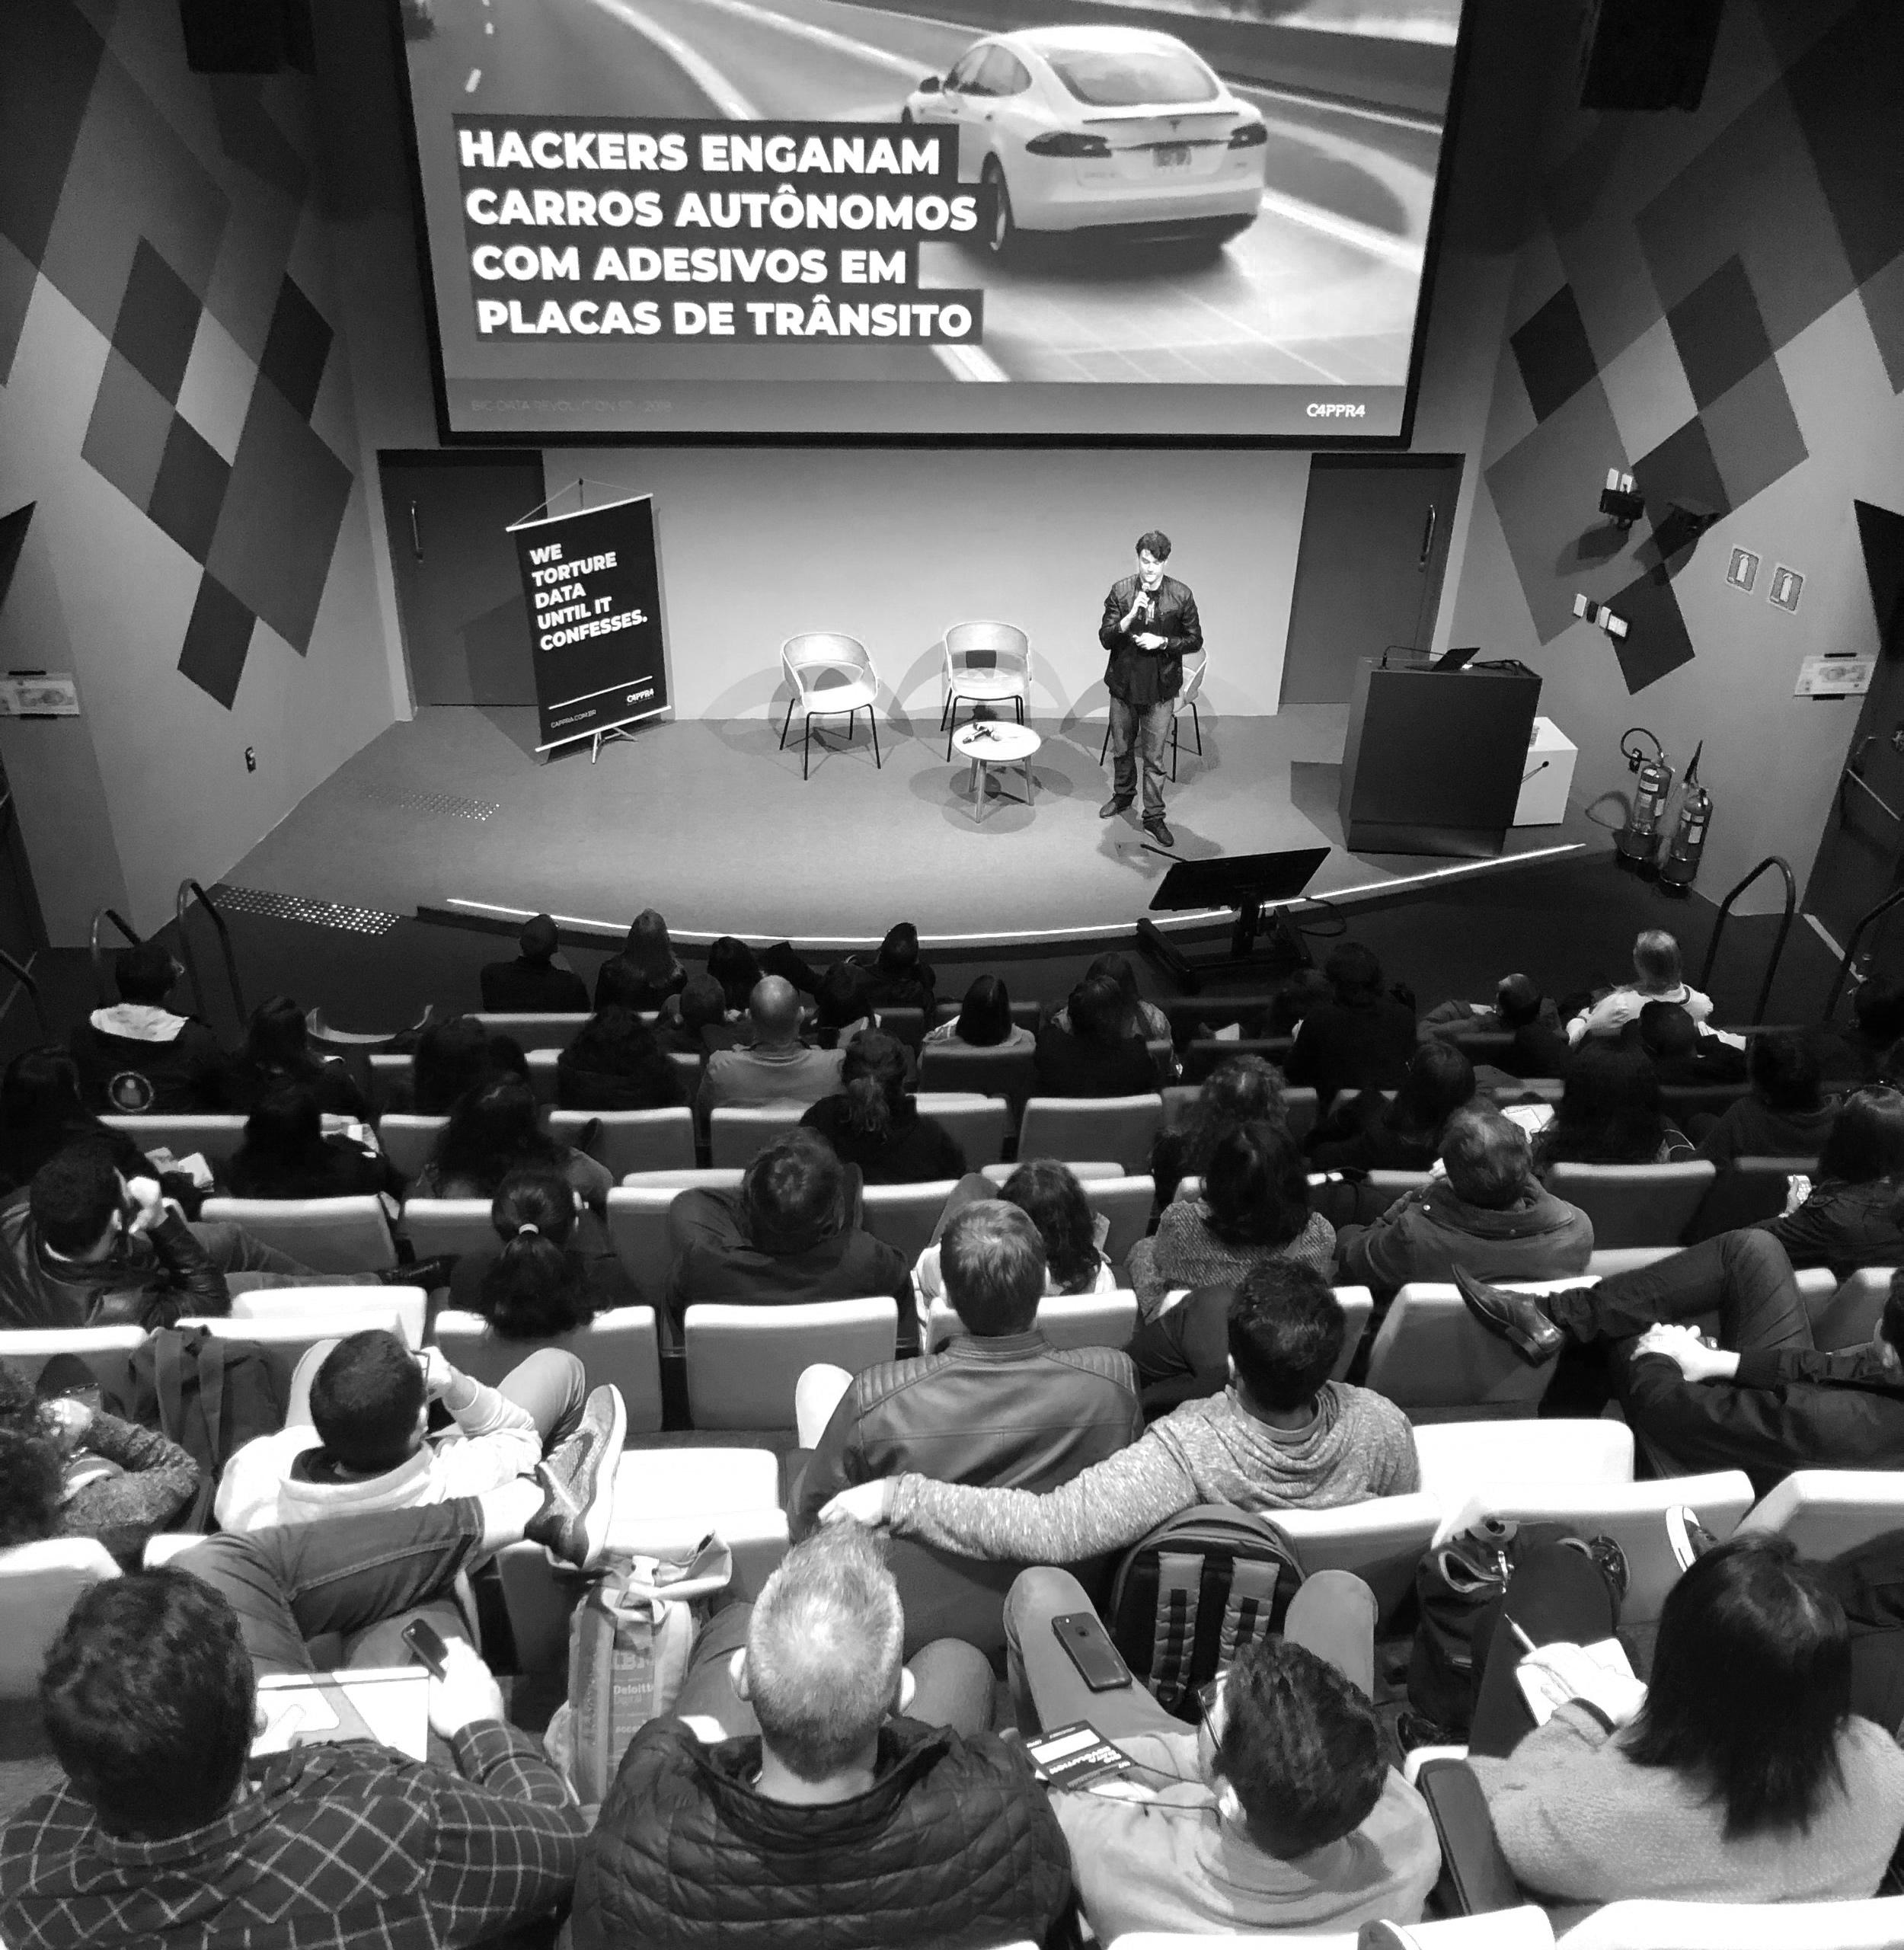 CONFERÊNCIA BIG DATA REVOLUTION - Muito conteúdo inédito sobre dados, cases e melhores práticas analíticas em um só evento.Esse ingresso permite o acesso à conferência Big Data Revolution e algumas atividades abertas do CAPPRA DATA SUMMIT.